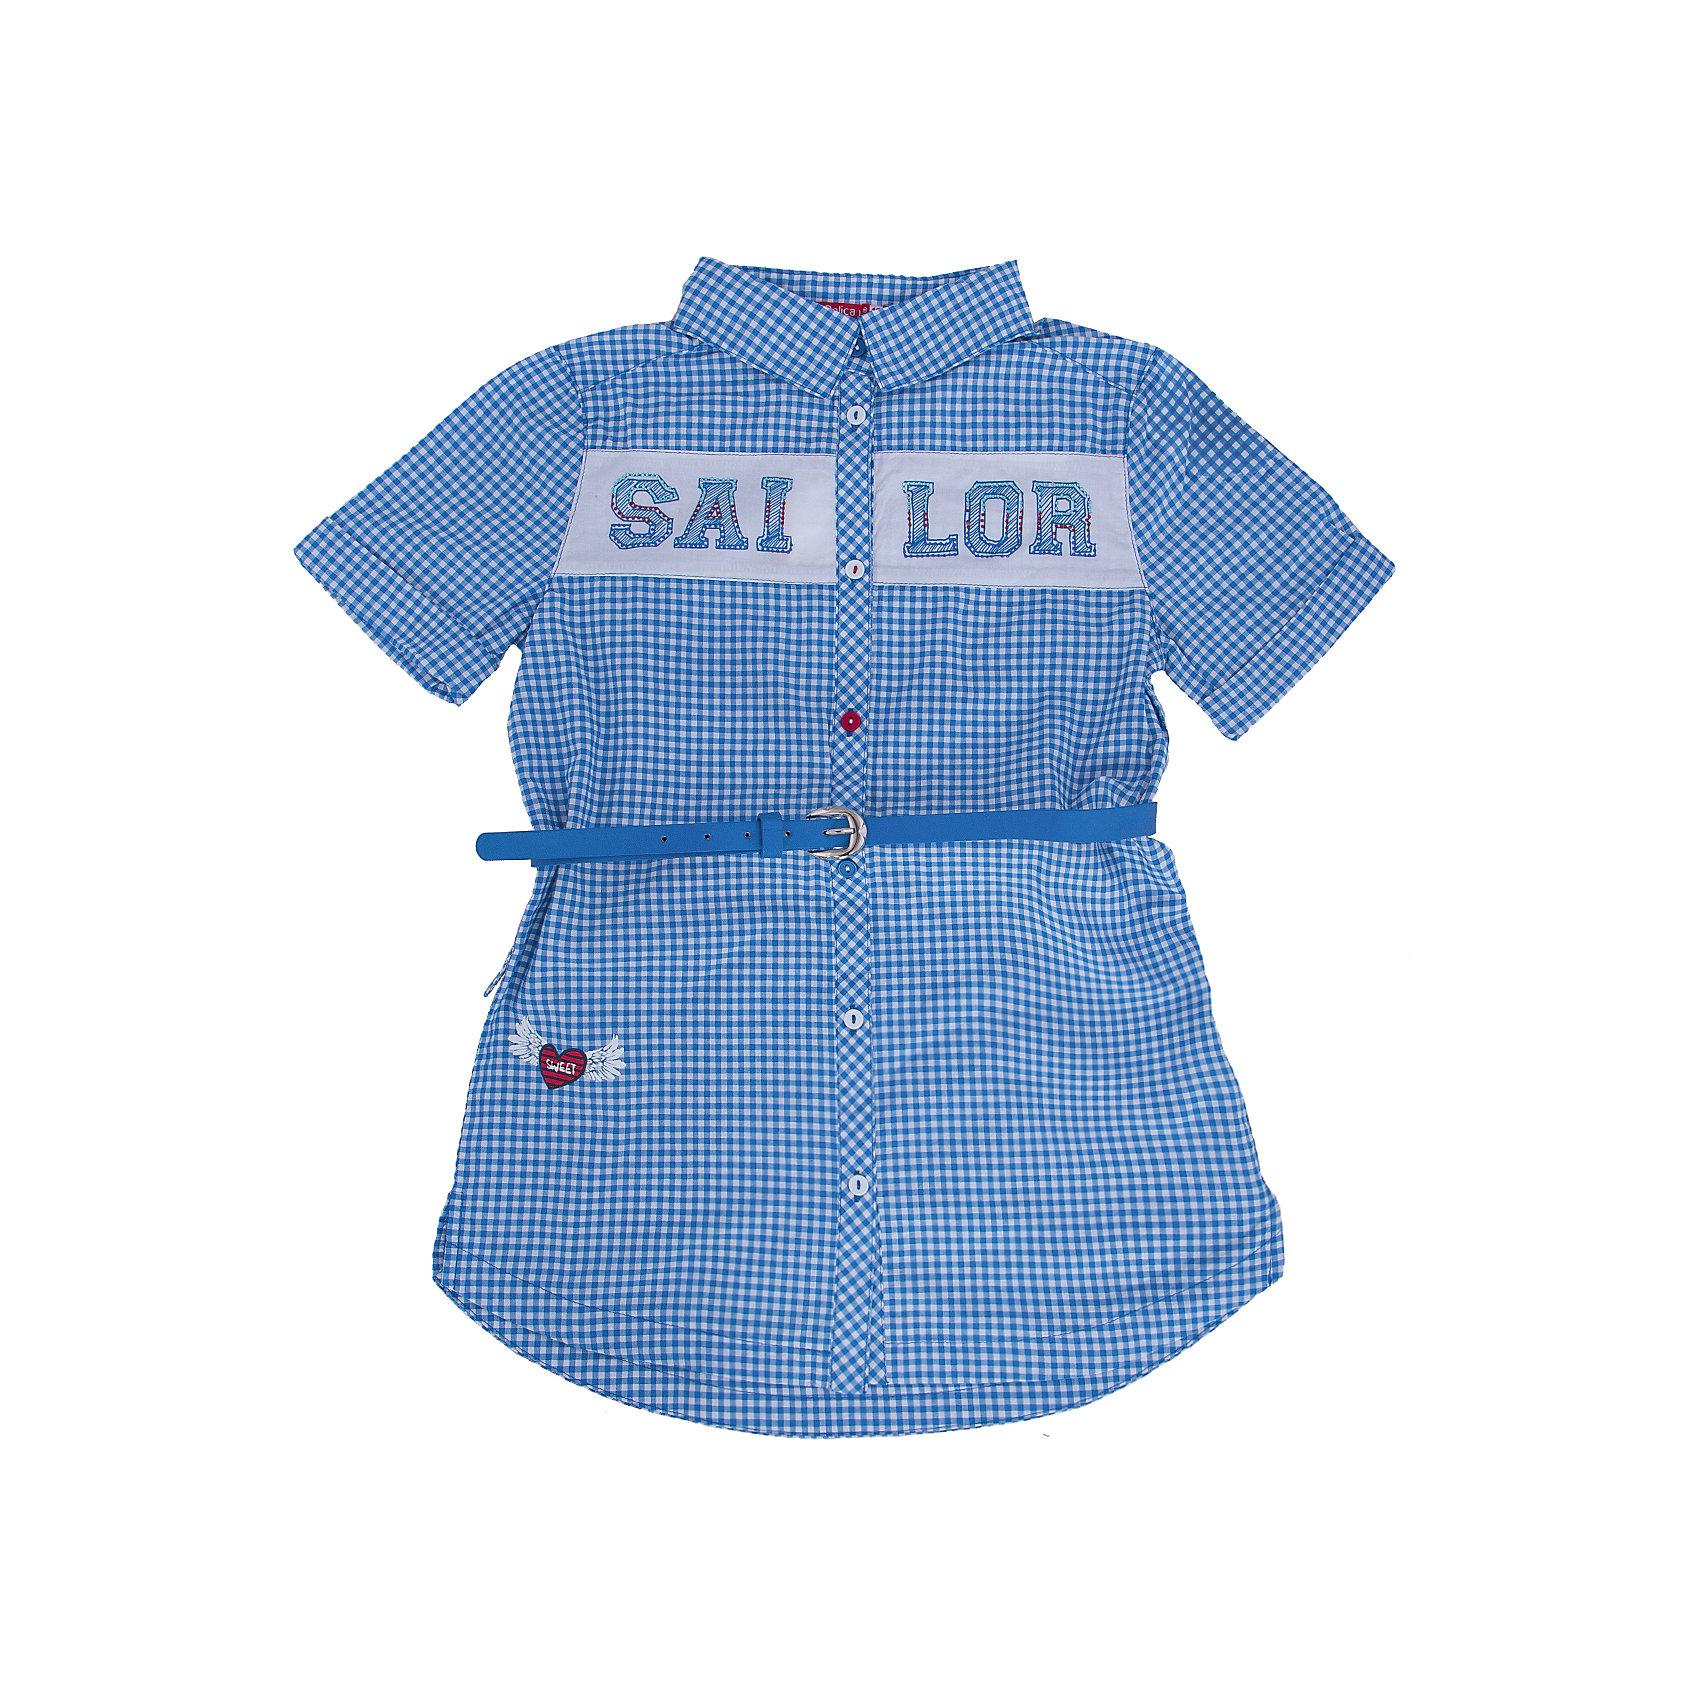 Блузка для девочки PELICANБлузки и рубашки<br>Модная удобная блузка для девочки поможет разнообразить гардероб ребенка, создать легкий подходящий погоде ансамбль. Удобный крой и качественный материал обеспечат ребенку комфорт при ношении этого изделия. <br>Блузка очень симпатично смотрится благодаря актуальному дизайну и удлиненному силуэту. Изделие украшено вставкой с принтом и стразами. Рукава - короткие. Материал - легкий, отлично подходит для лета, состоит из дышащего натурального хлопка. Очень приятен на ощупь, не вызывает аллергии. В комплекте  - стильный ремешок из искусственной кожи.<br><br>Дополнительная информация:<br><br>материал: 100% хлопок;<br>цвет: в клетку;<br>принт и стразы;<br>ремешок из искусственной кожи;<br>рукава короткие.<br><br>Блузку для девочки от бренда PELICAN (Пеликан) можно купить в нашем магазине.<br><br>Ширина мм: 186<br>Глубина мм: 87<br>Высота мм: 198<br>Вес г: 197<br>Цвет: синий<br>Возраст от месяцев: 108<br>Возраст до месяцев: 120<br>Пол: Женский<br>Возраст: Детский<br>Размер: 140,134,128,122,146<br>SKU: 4805209